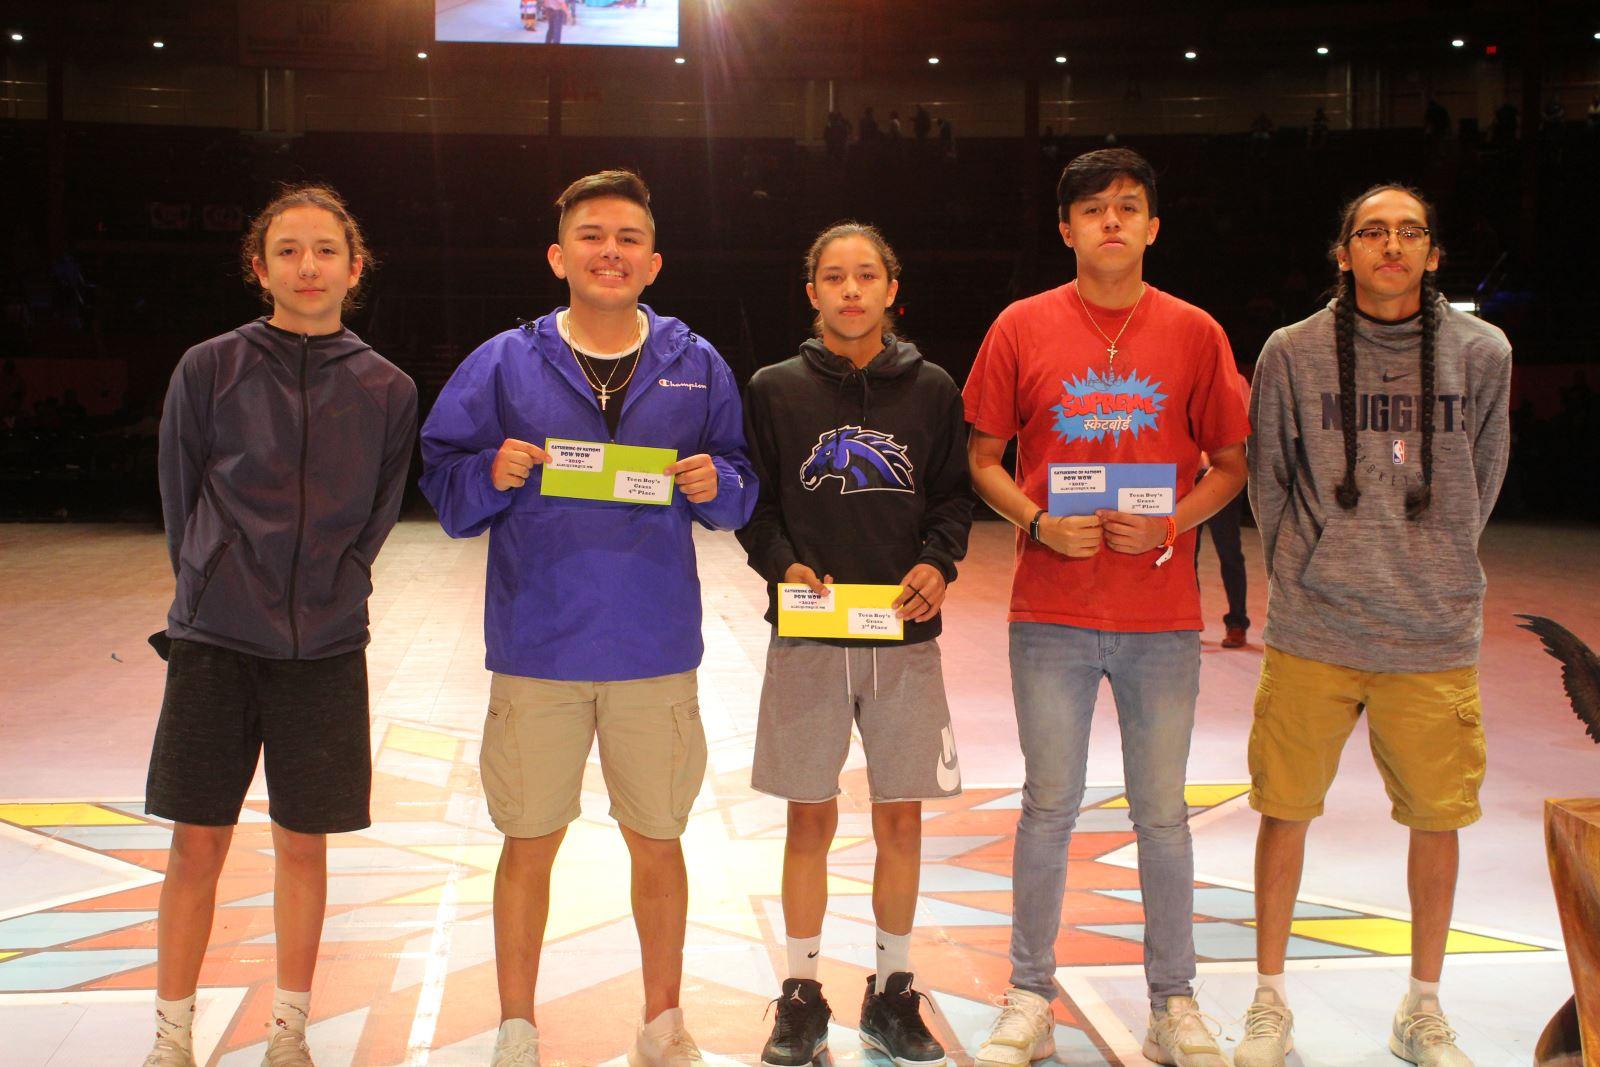 Teen Boys Grass Dance Winners